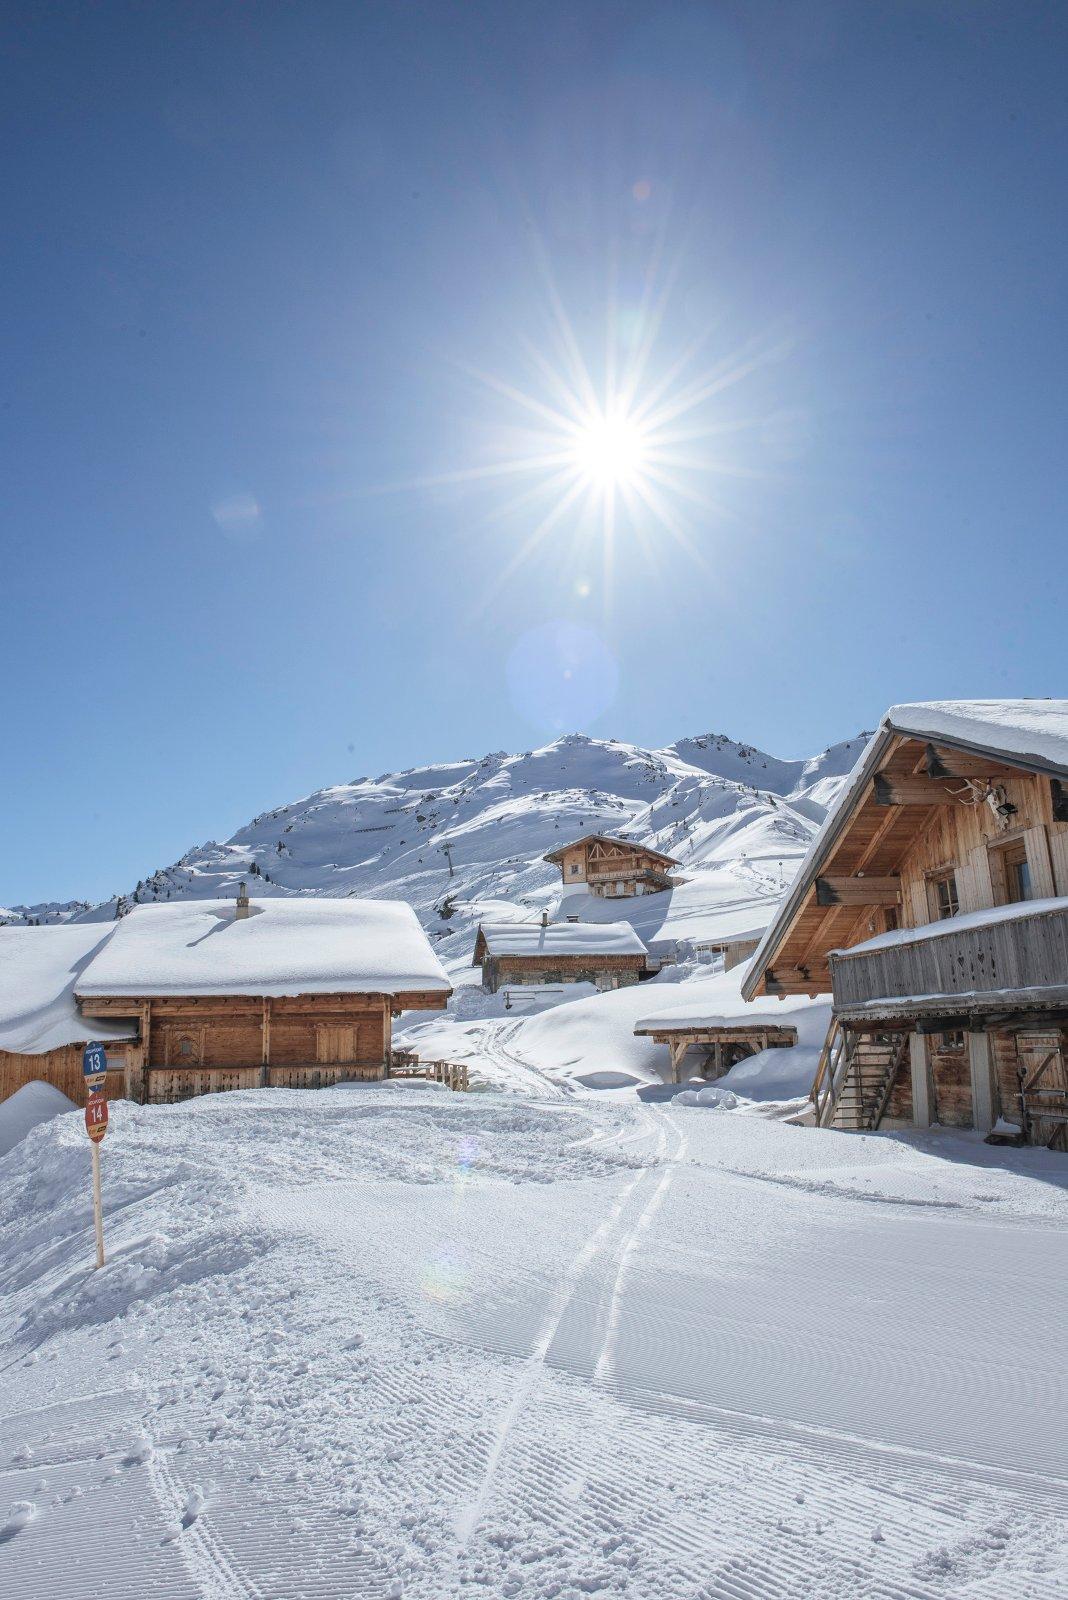 Sonne, Schnee, Skifahren! Raus aus den dicken Daunenjacken und rein ins Vergnügen: Im Zillertal sieht man schneeweissen Hängen, bestens präparierten Pisten und wärmenden Sonnenstrahlen entgegen. Die Ferienregion im Tirol lockt mit unzähligen Sonnenterassen, einzigartigem Panorama und kulinarischen Köstlichkeiten. Für pures Skivergnügen sorgen 530 Pistenkilometer